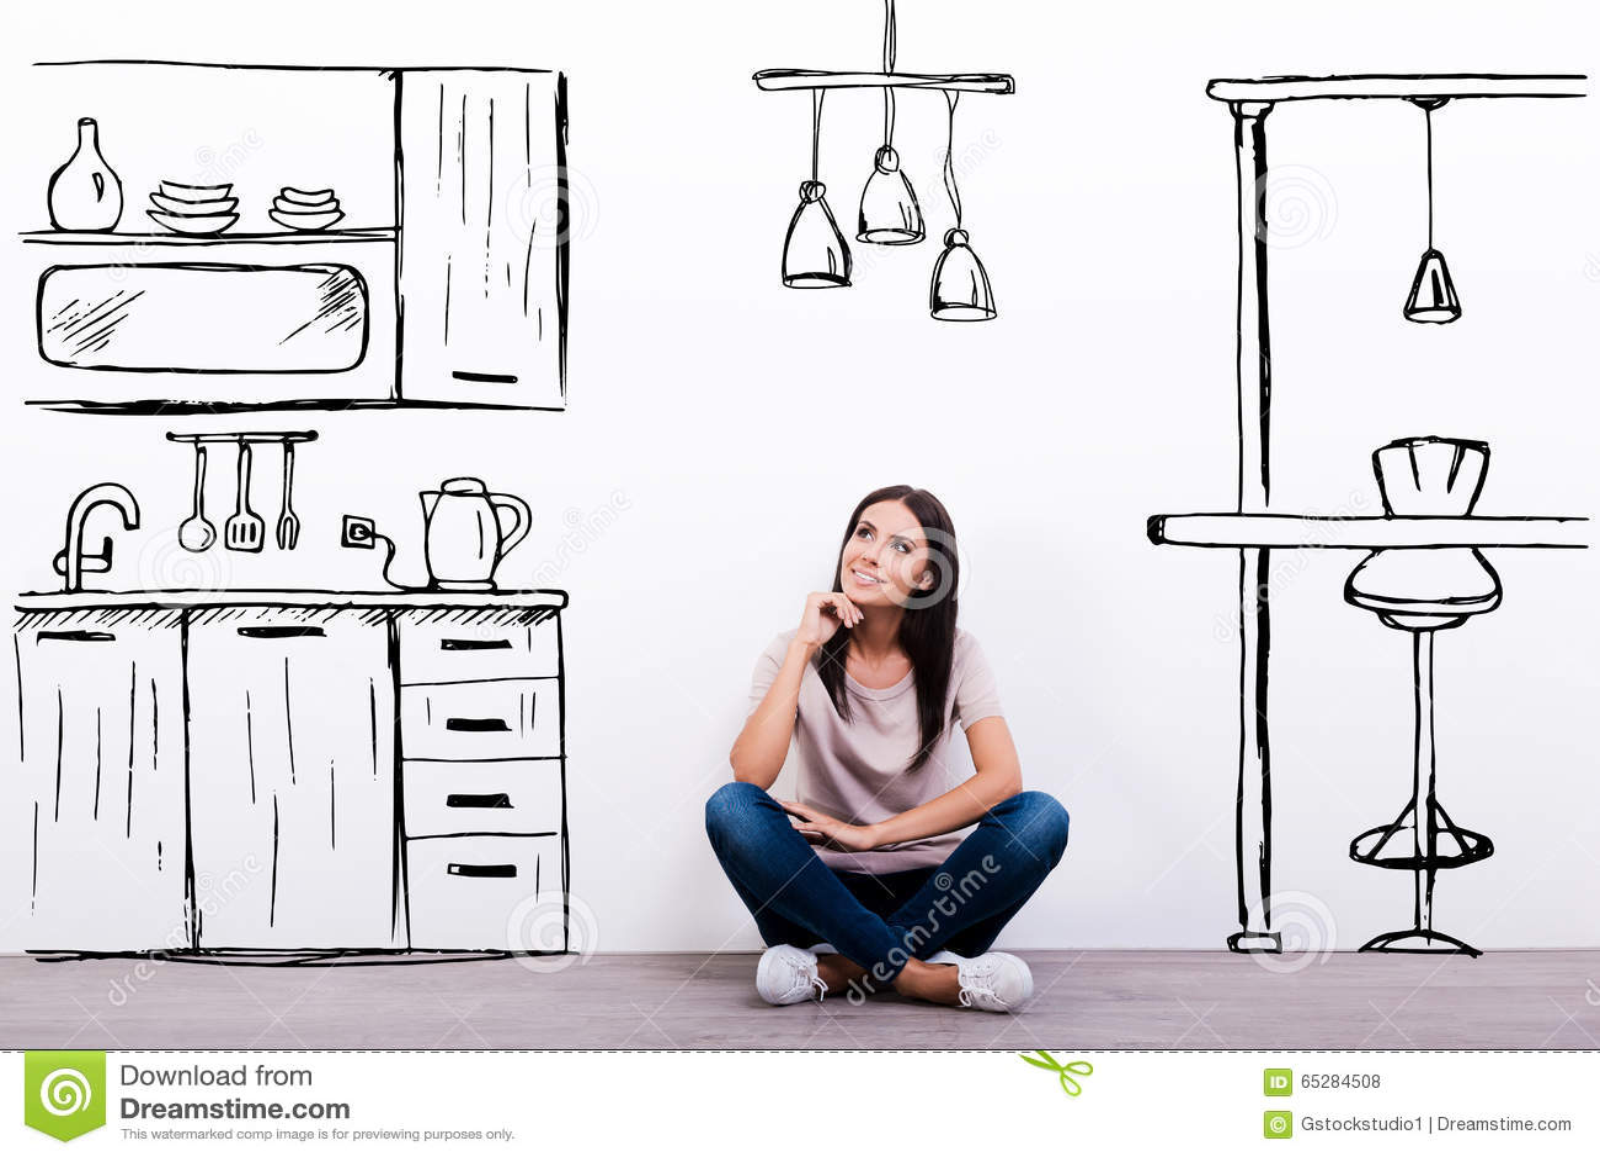 Träumen über neue Küche stock abbildung. Illustration von ...